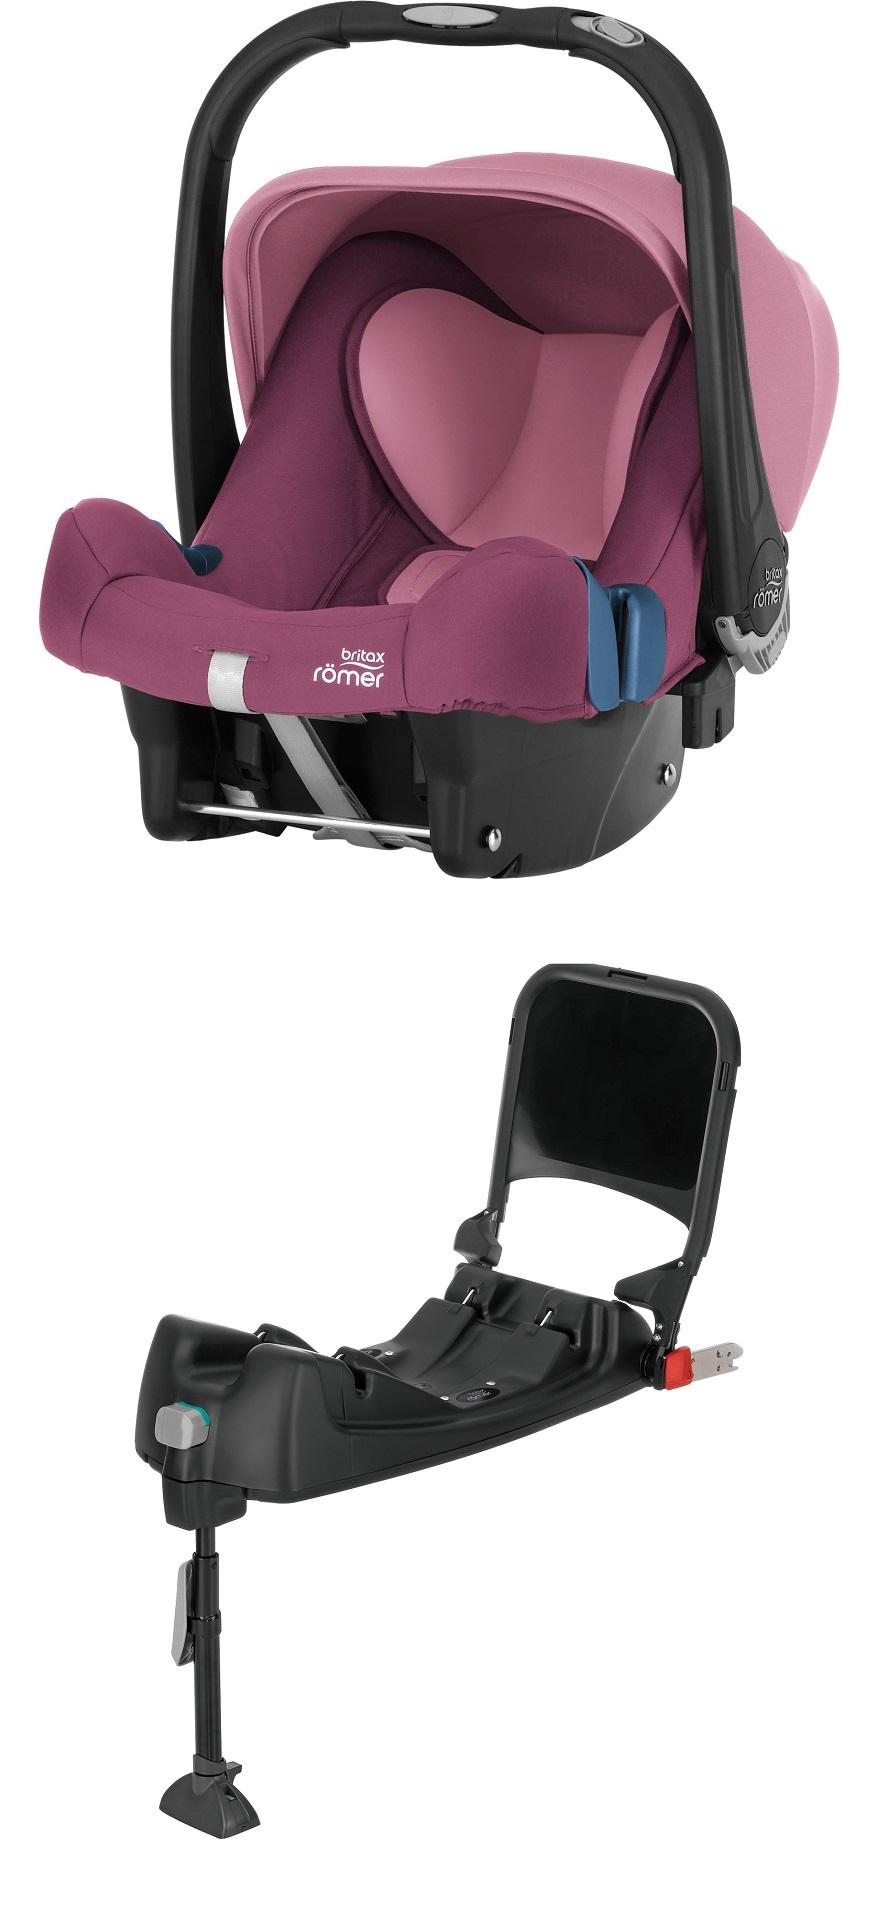 britax r mer infant car seat baby safe plus shr ii including isofix base 2018 wine rose buy at. Black Bedroom Furniture Sets. Home Design Ideas